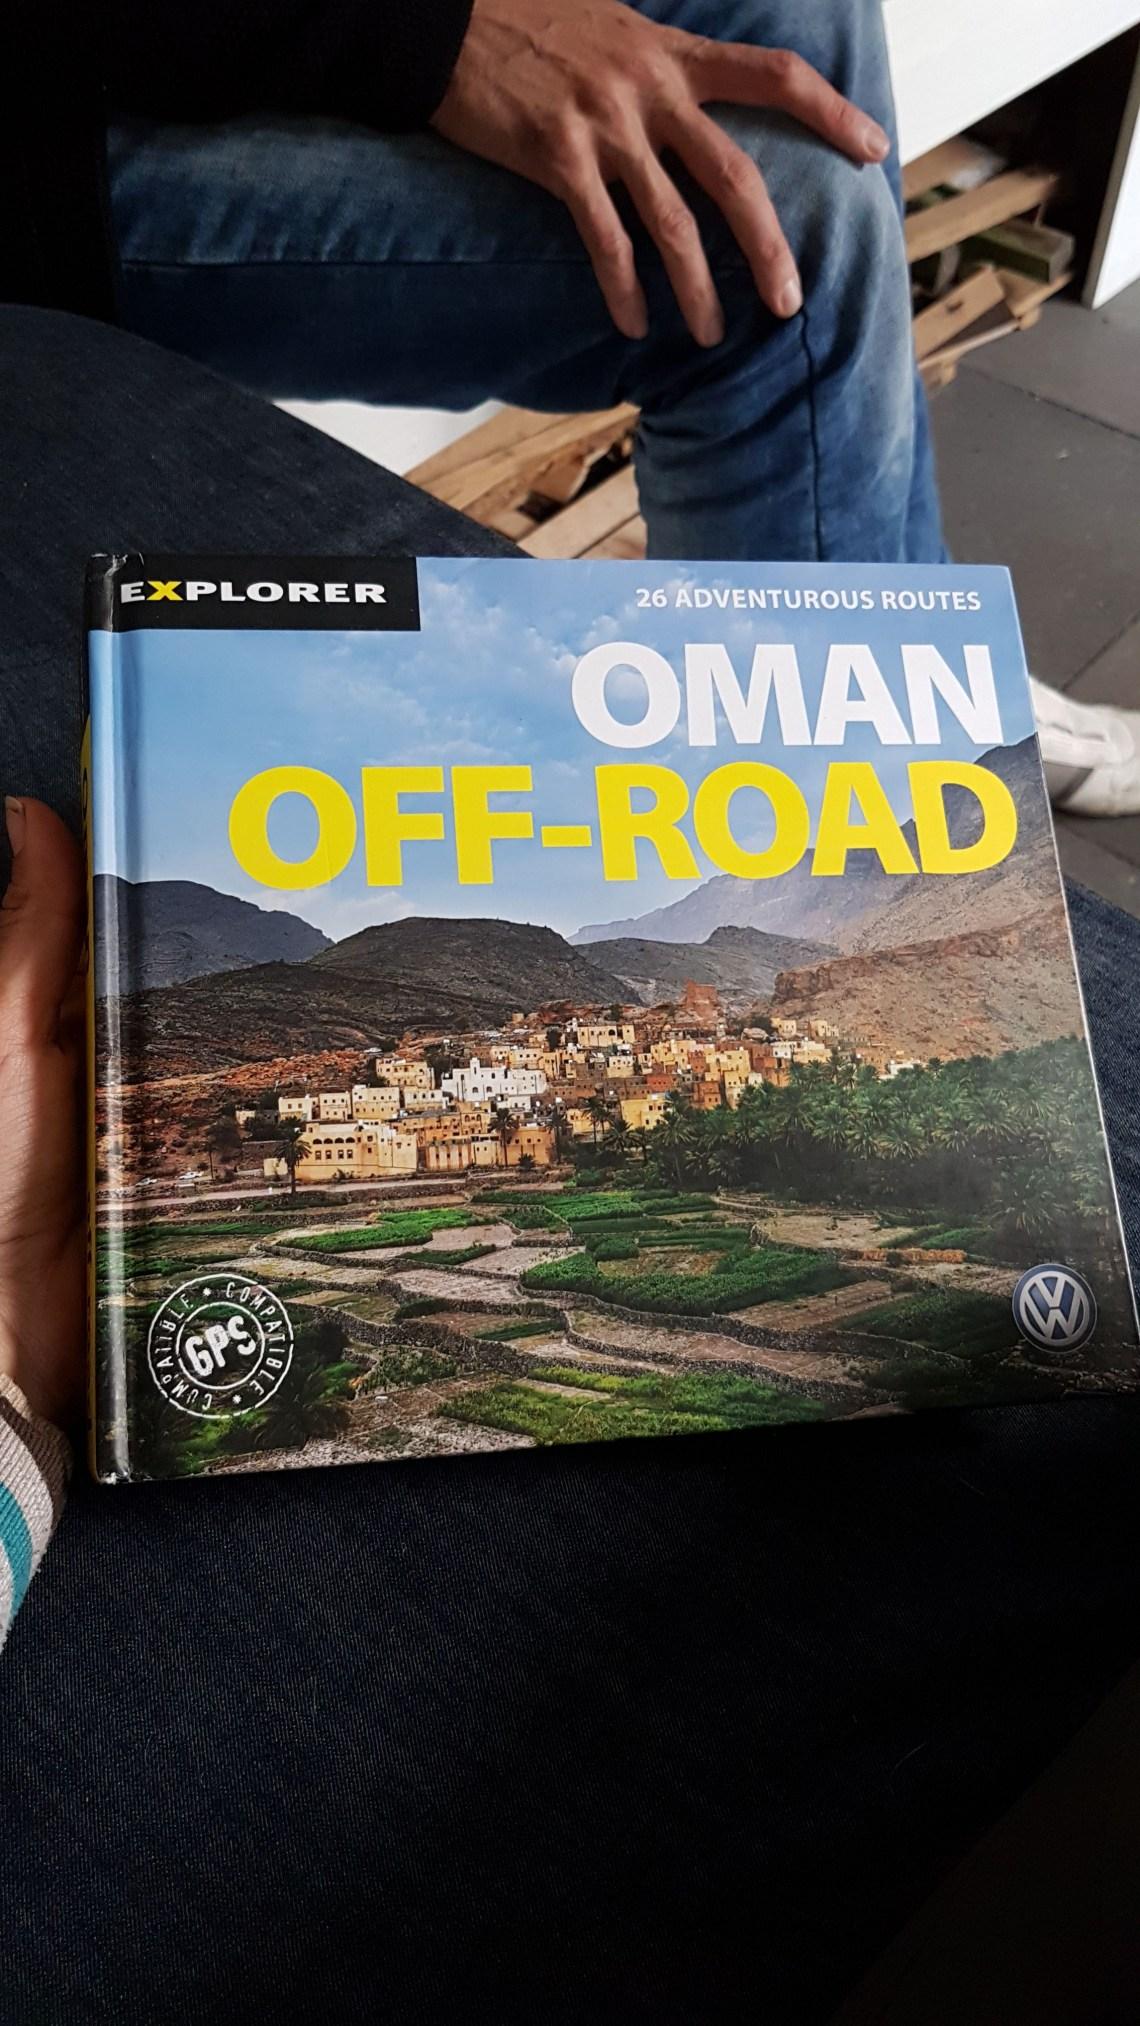 Oman off road explorer